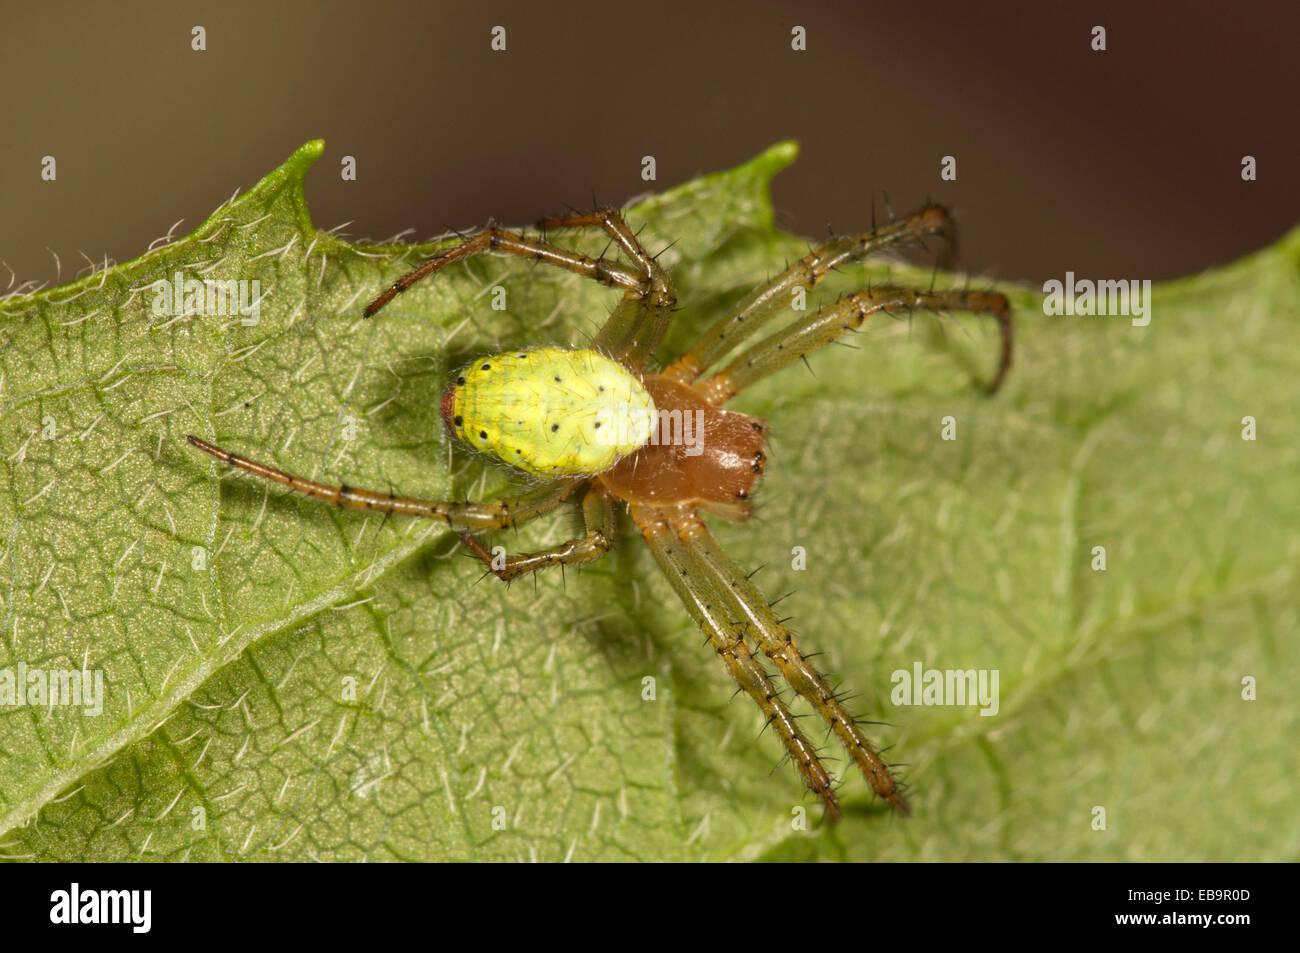 Cucumber Green Orb Spider (Araniella cucurbitina), female, Untergröningen, Abtsgmuend, Baden-Württemberg, - Stock Image